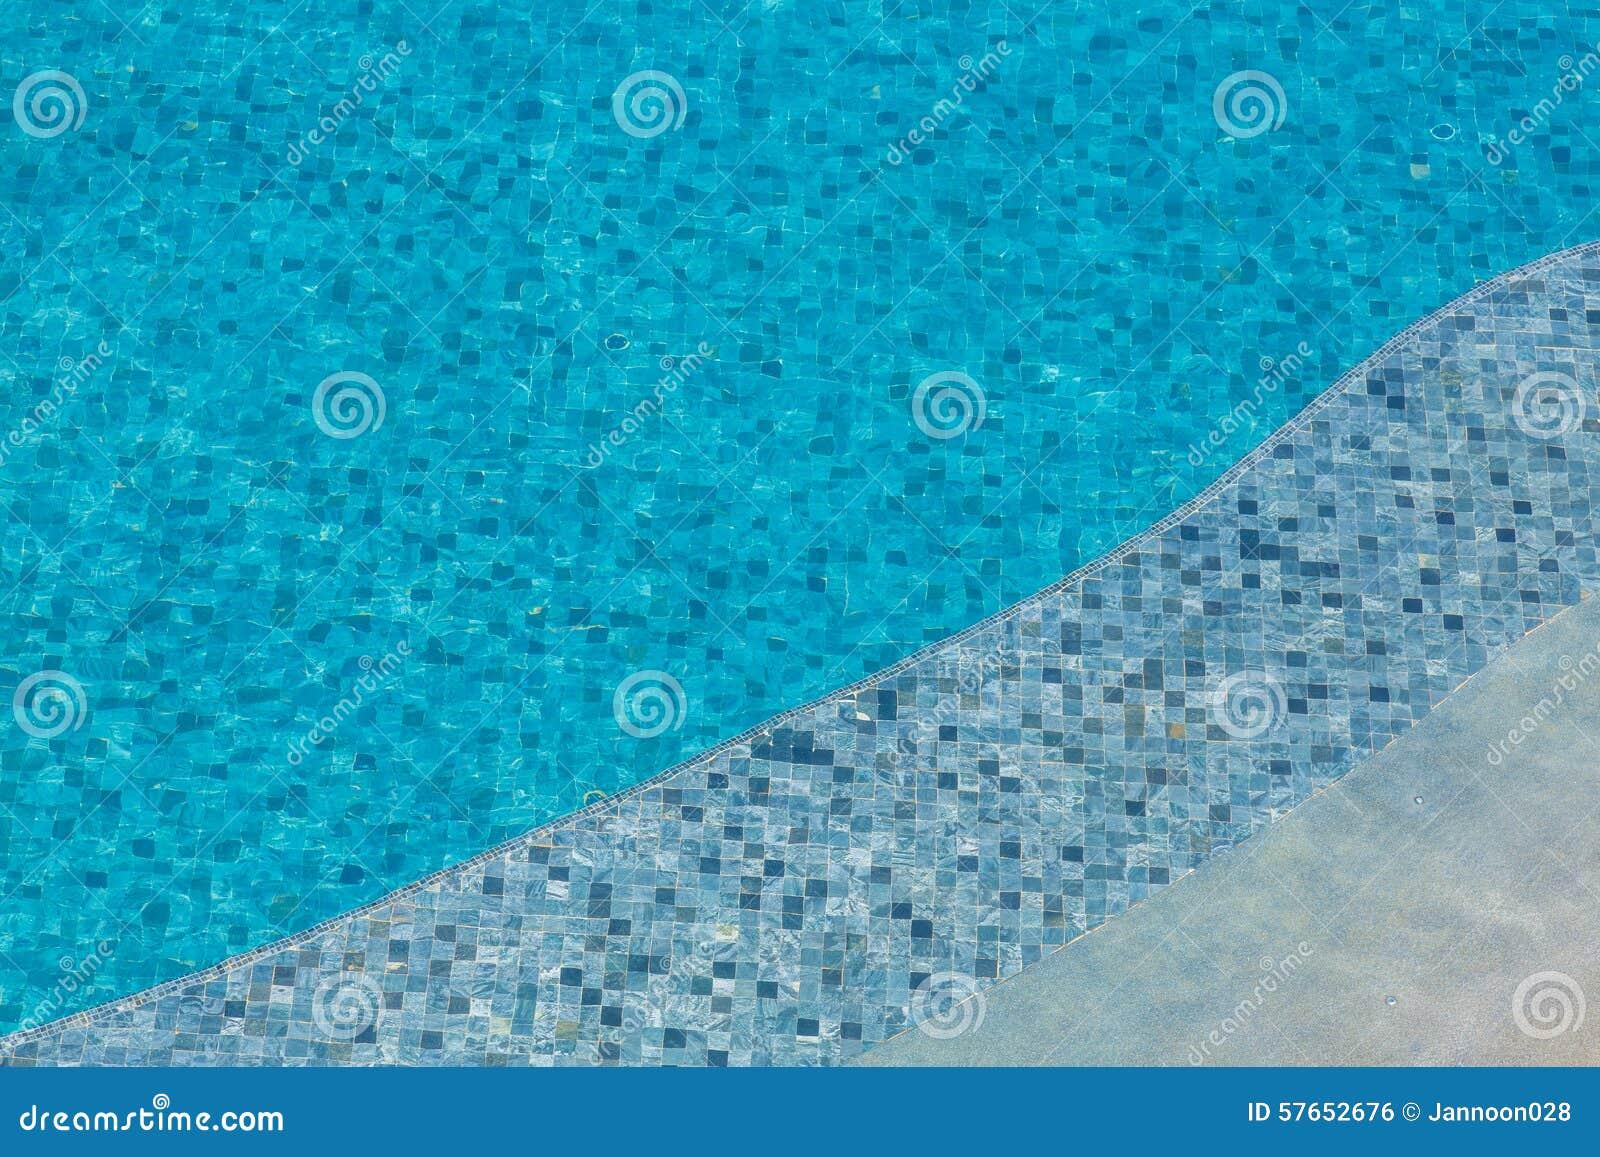 Pływackiego basenu pluskocząca woda